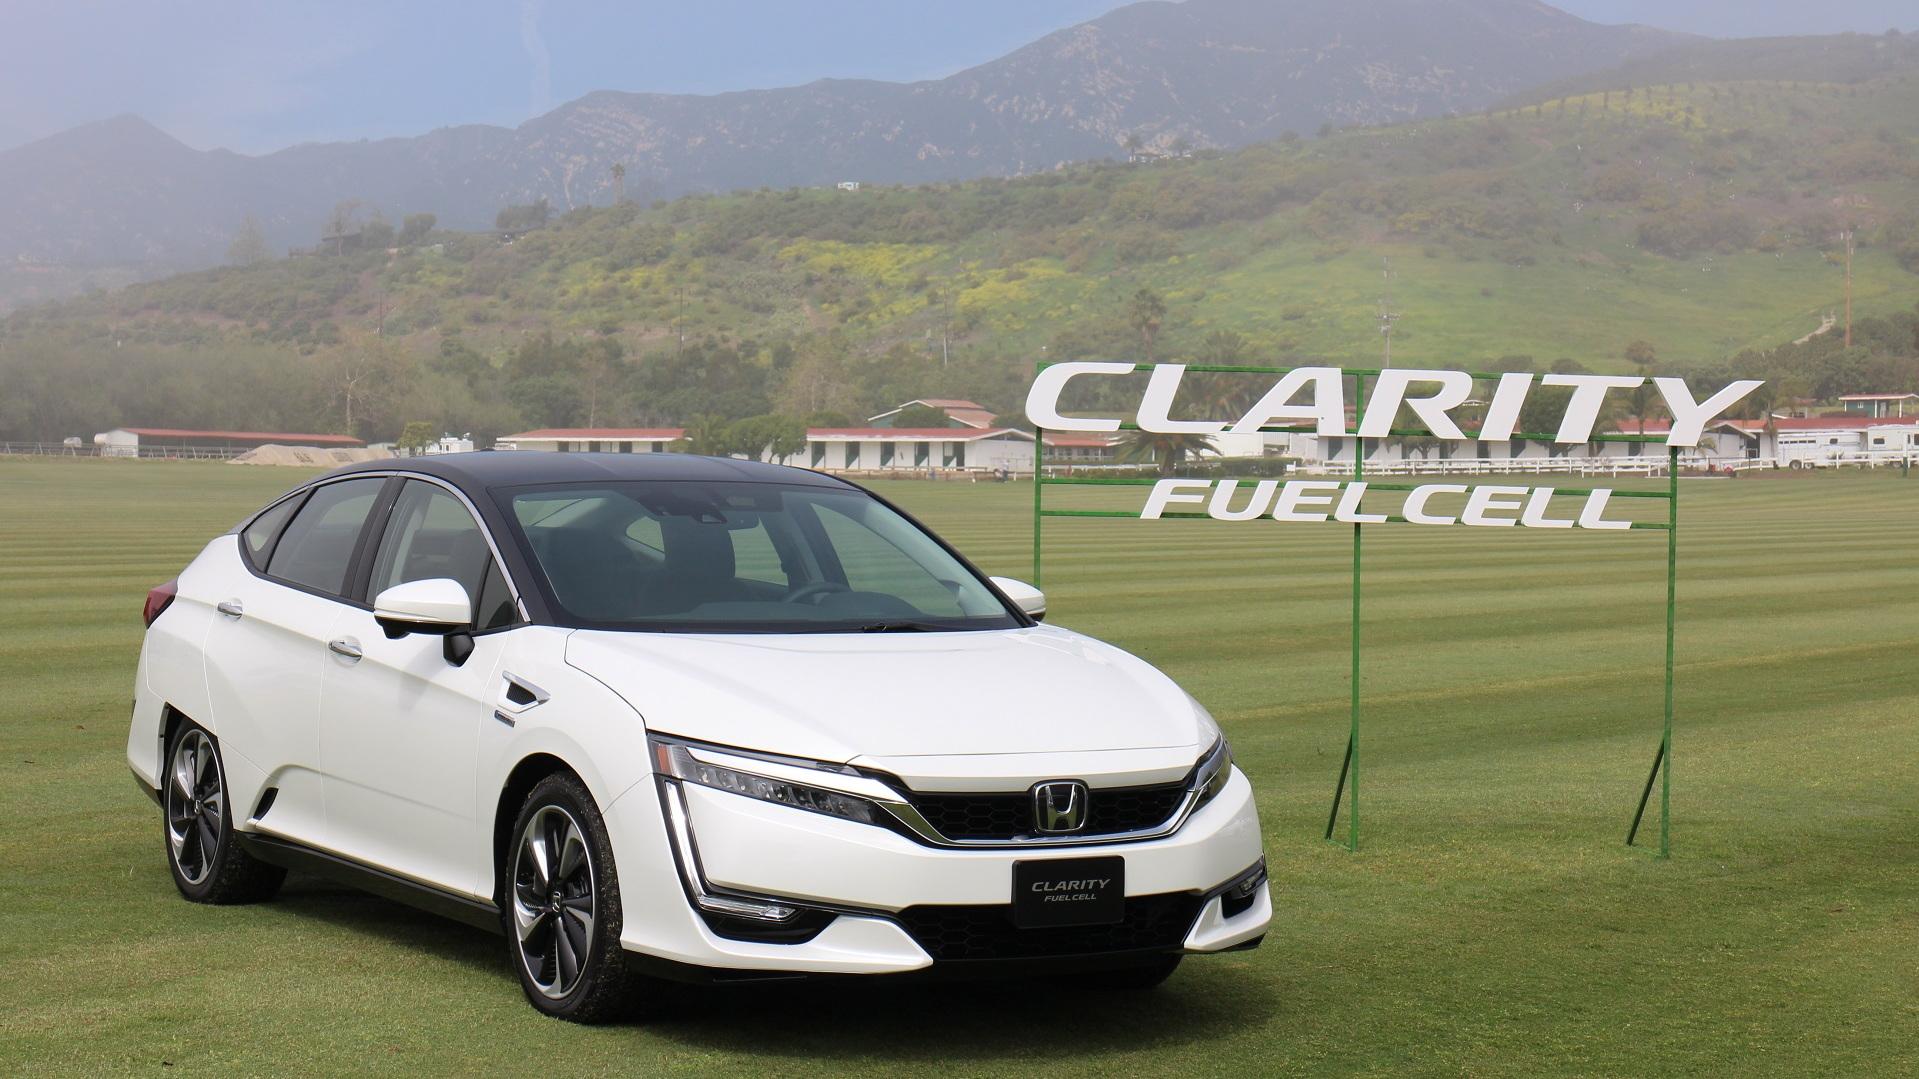 hight resolution of  2017 honda clarity fuel cell santa barbara ca march 2017